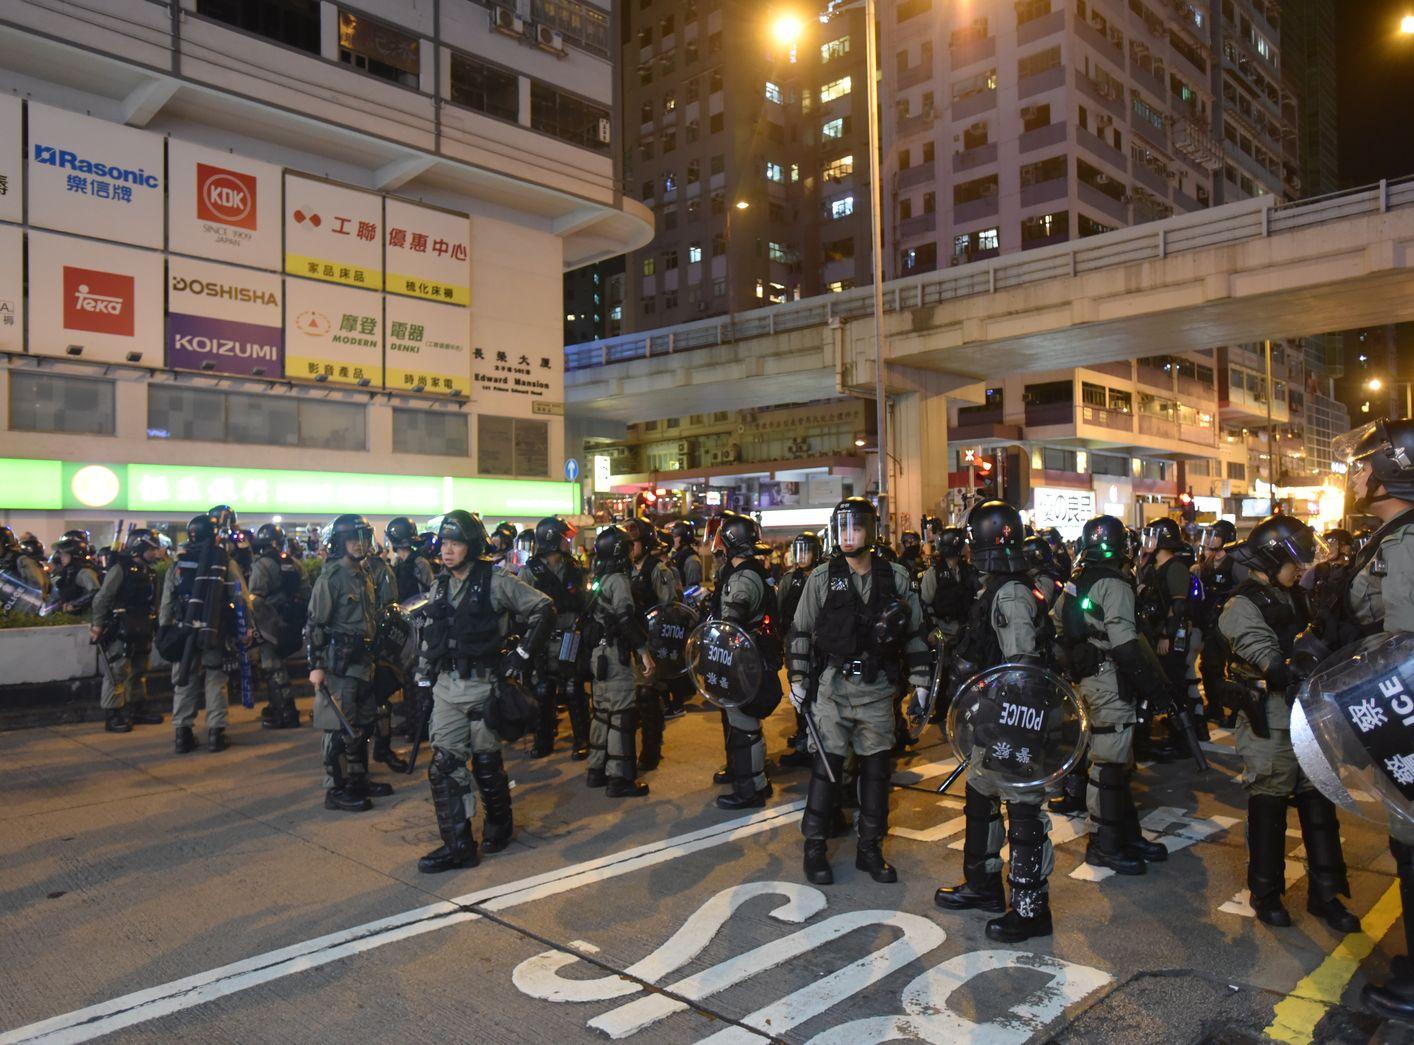 【修例风波】拘捕准则不考虑身份及政见 江永祥:不认同警方执法不公